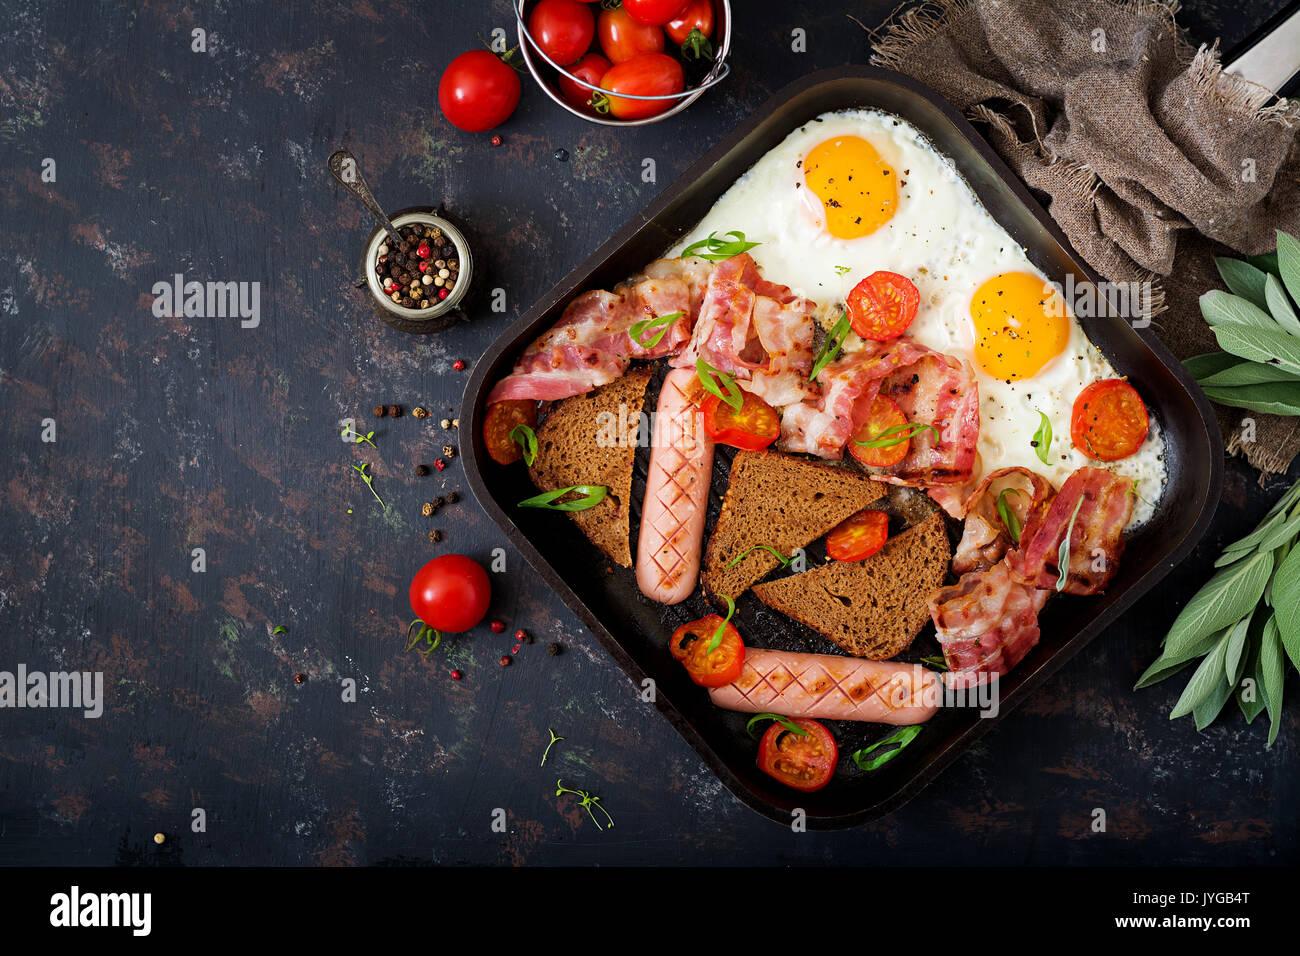 Englisches Frühstück - Spiegeleier, Würstchen, Tomaten, Speck und Toast. Ansicht von oben. Flach Stockbild